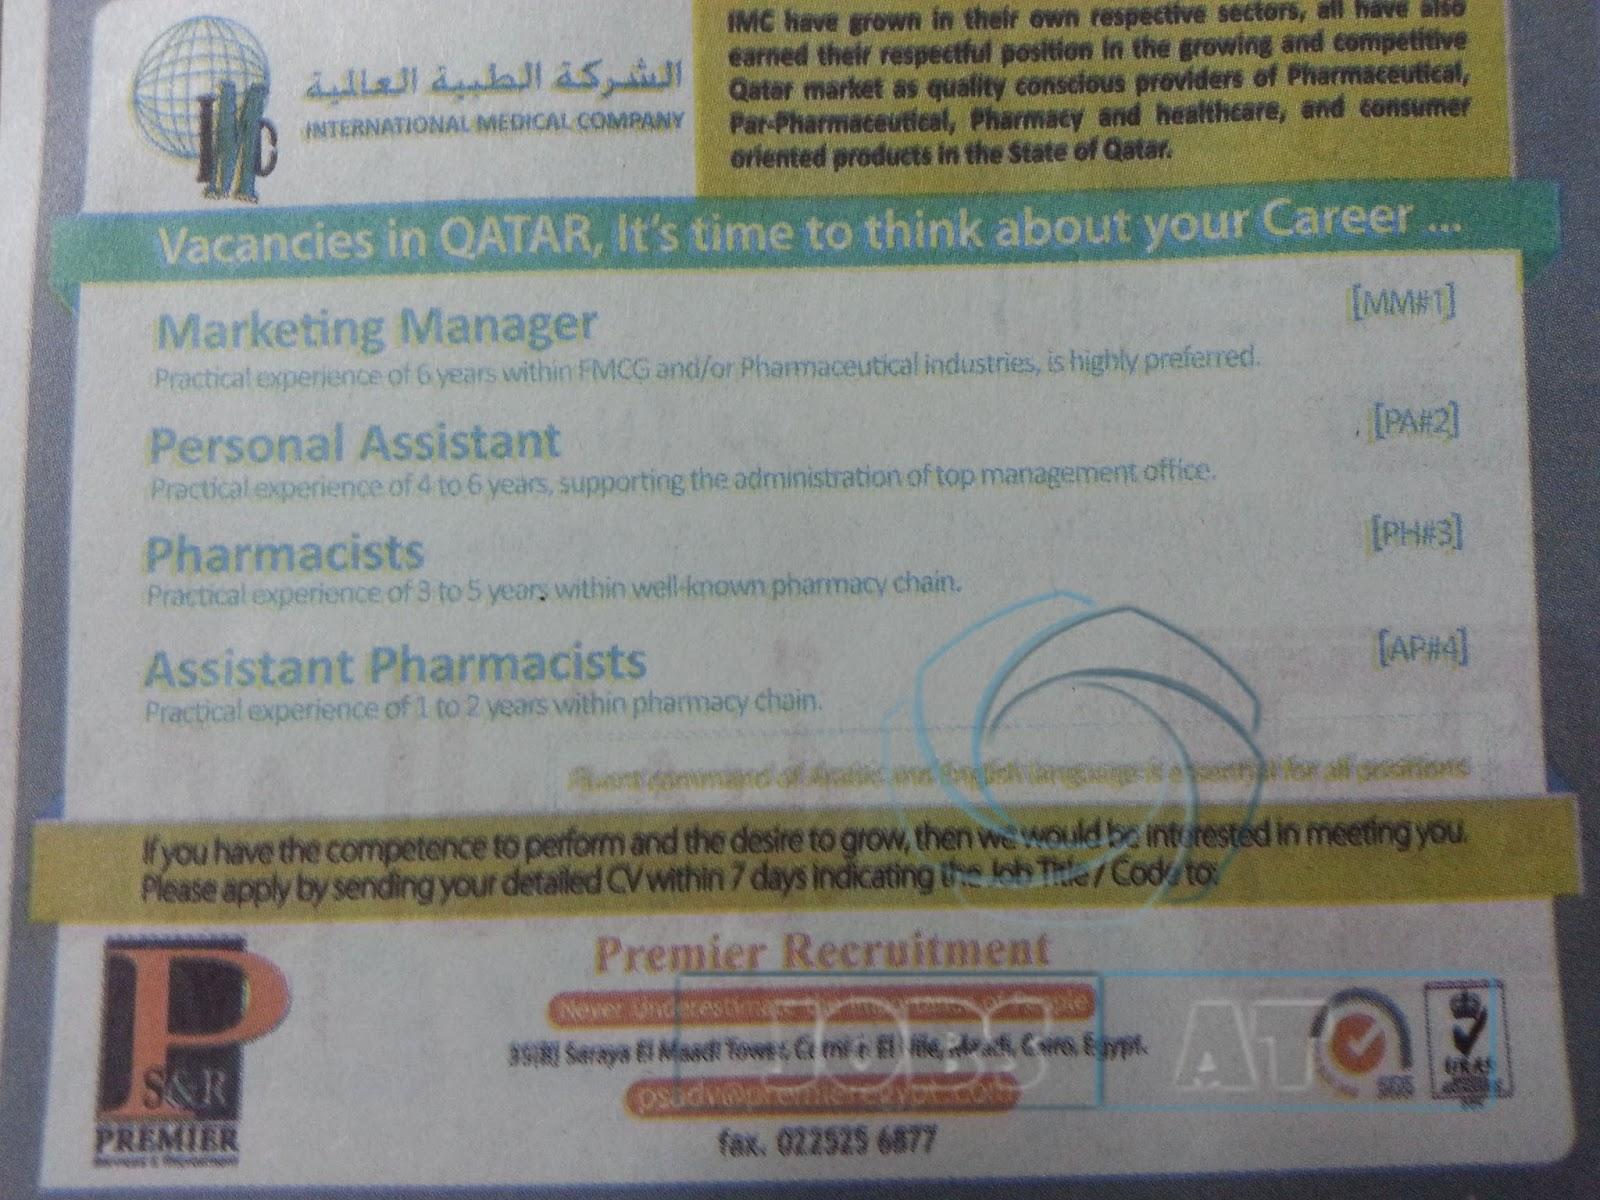 وظائف خالية فى الشركة الطبية العالمية فى قطر 2020